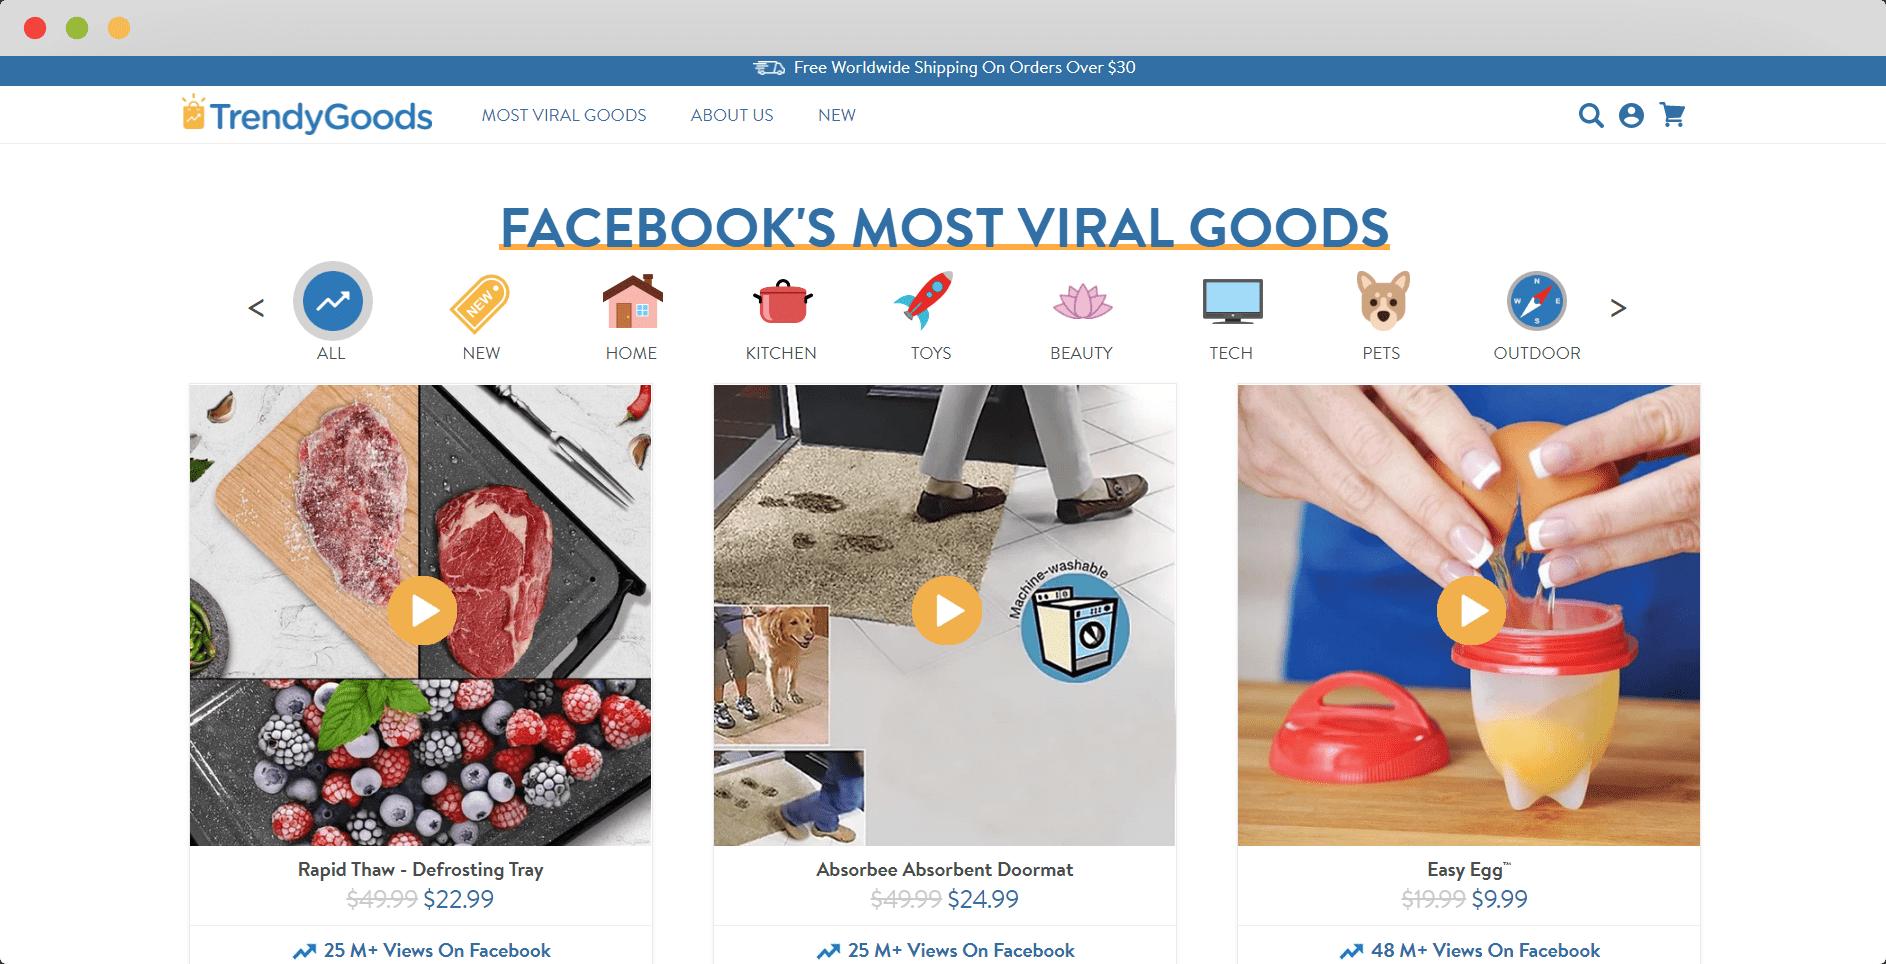 Trendy Goods